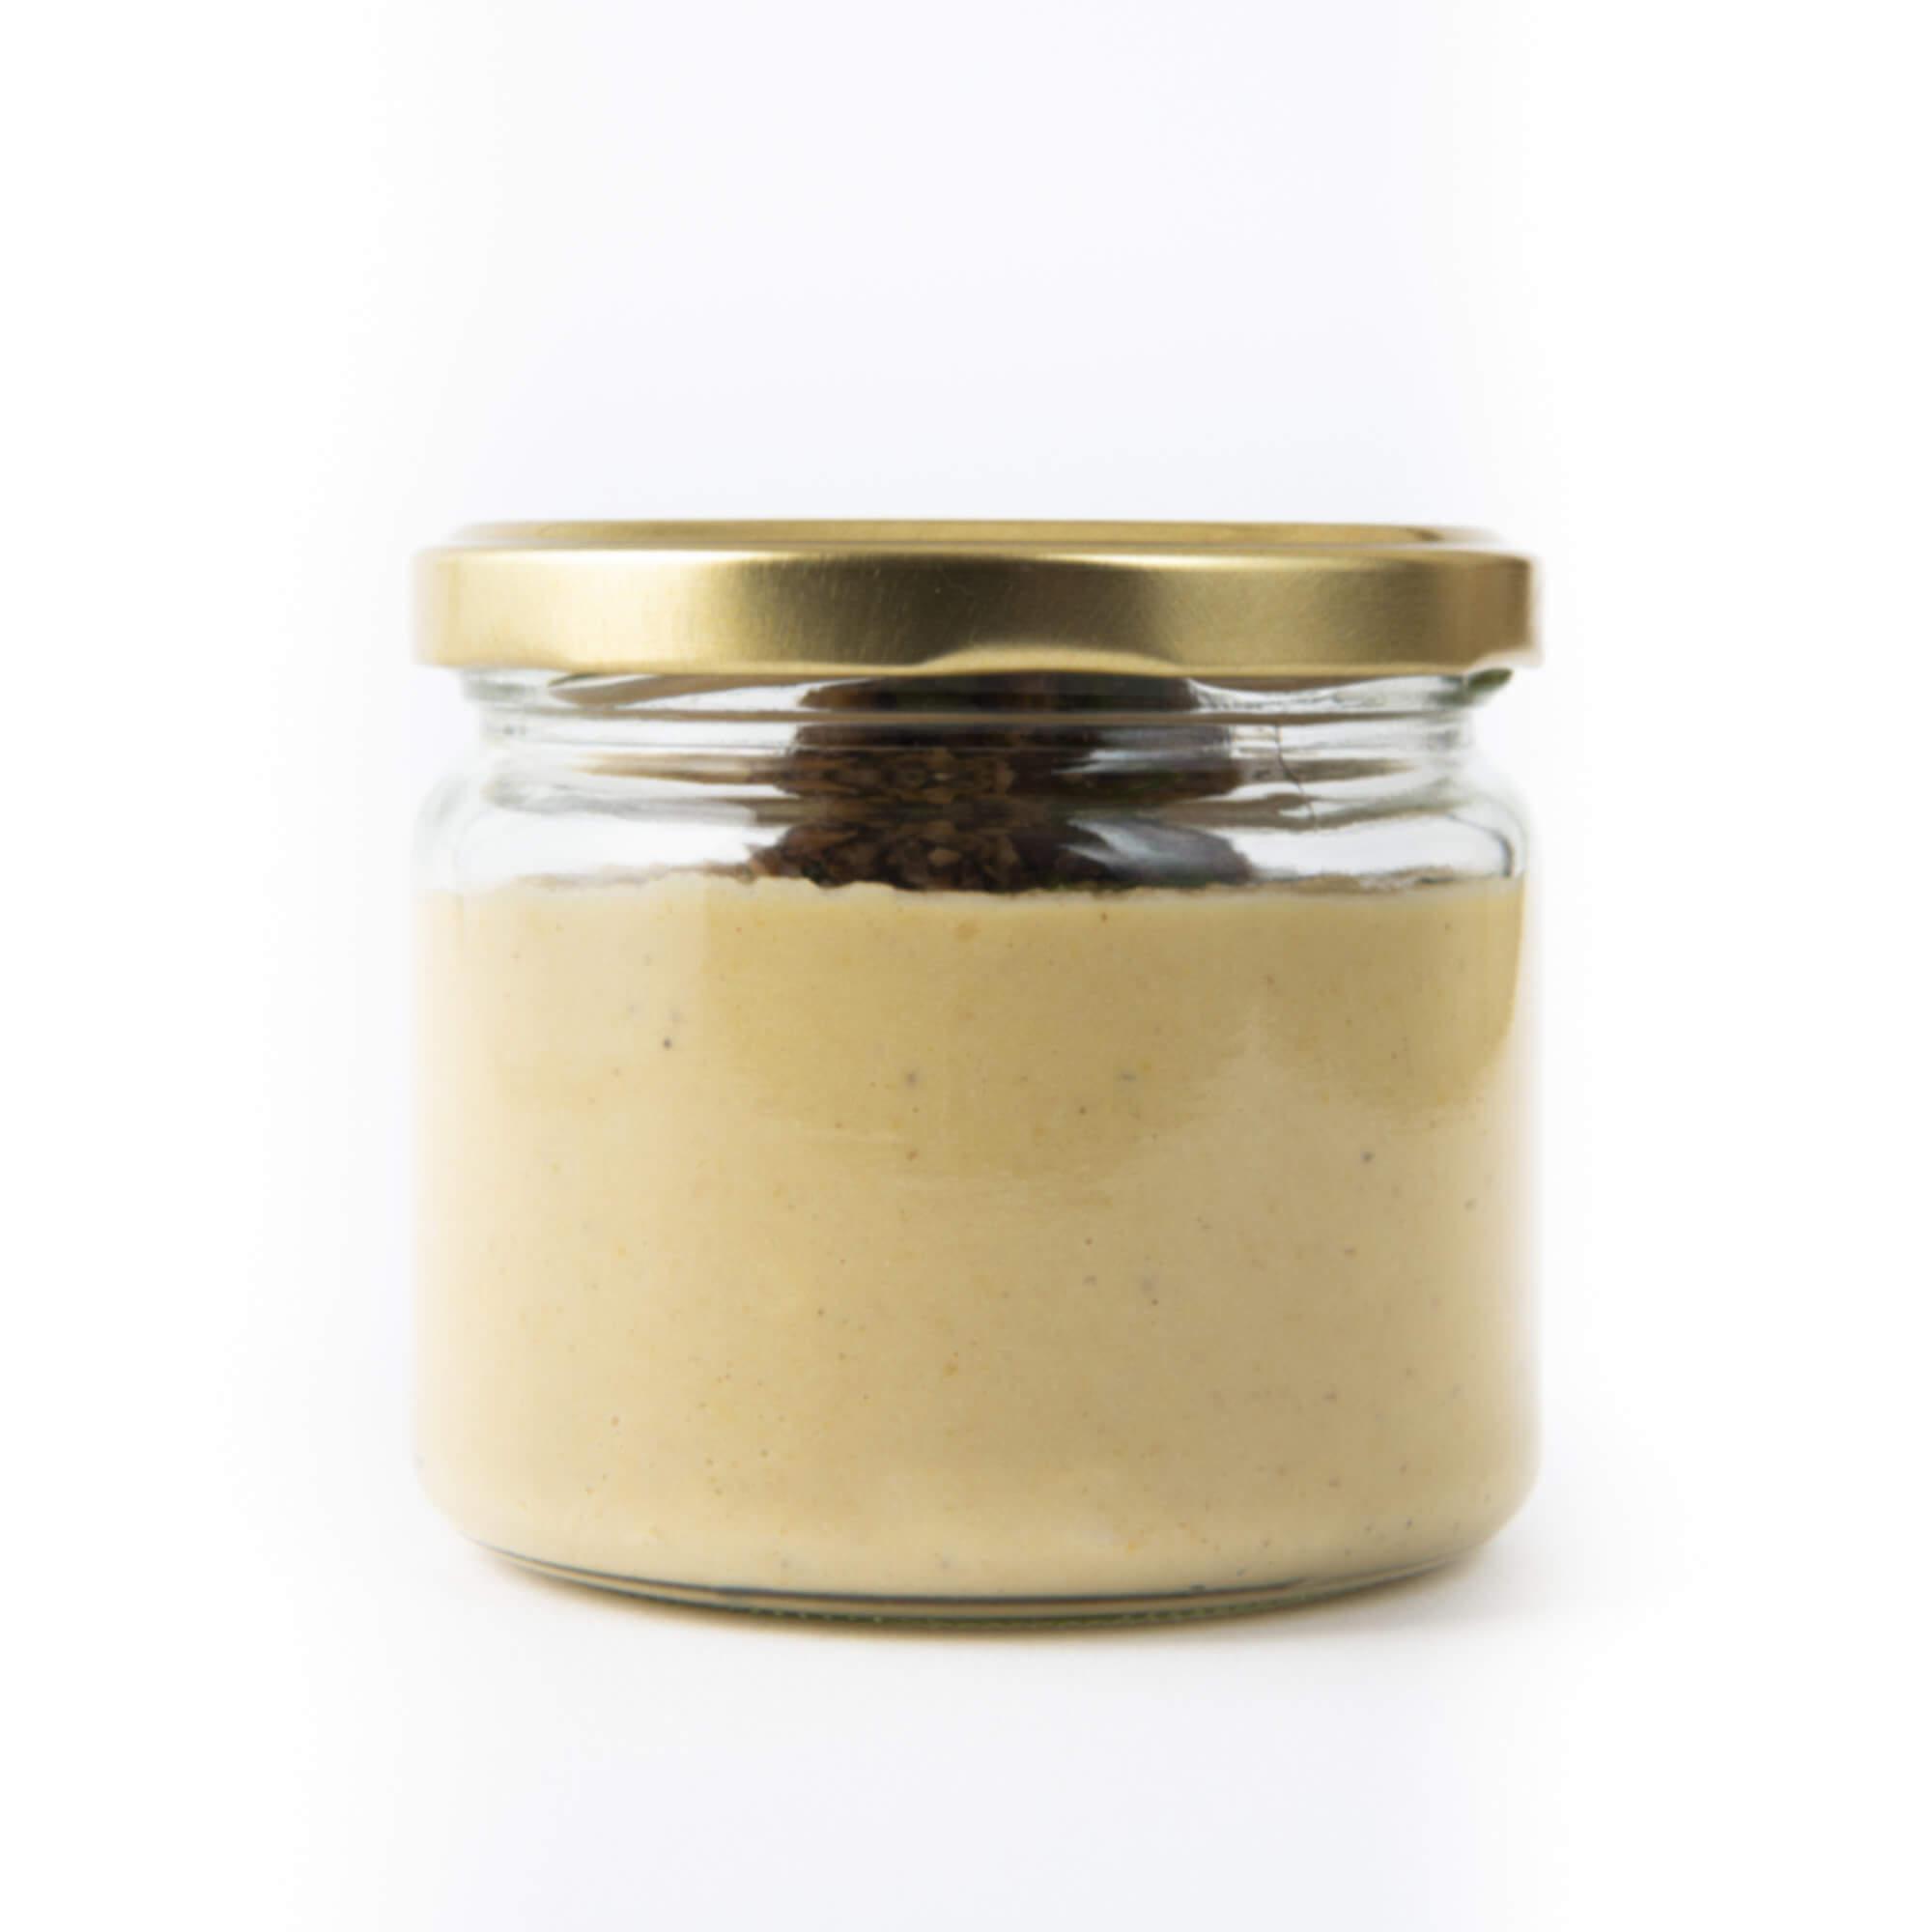 Humus mit Oliventapenade im Glas geschlossen von hinten